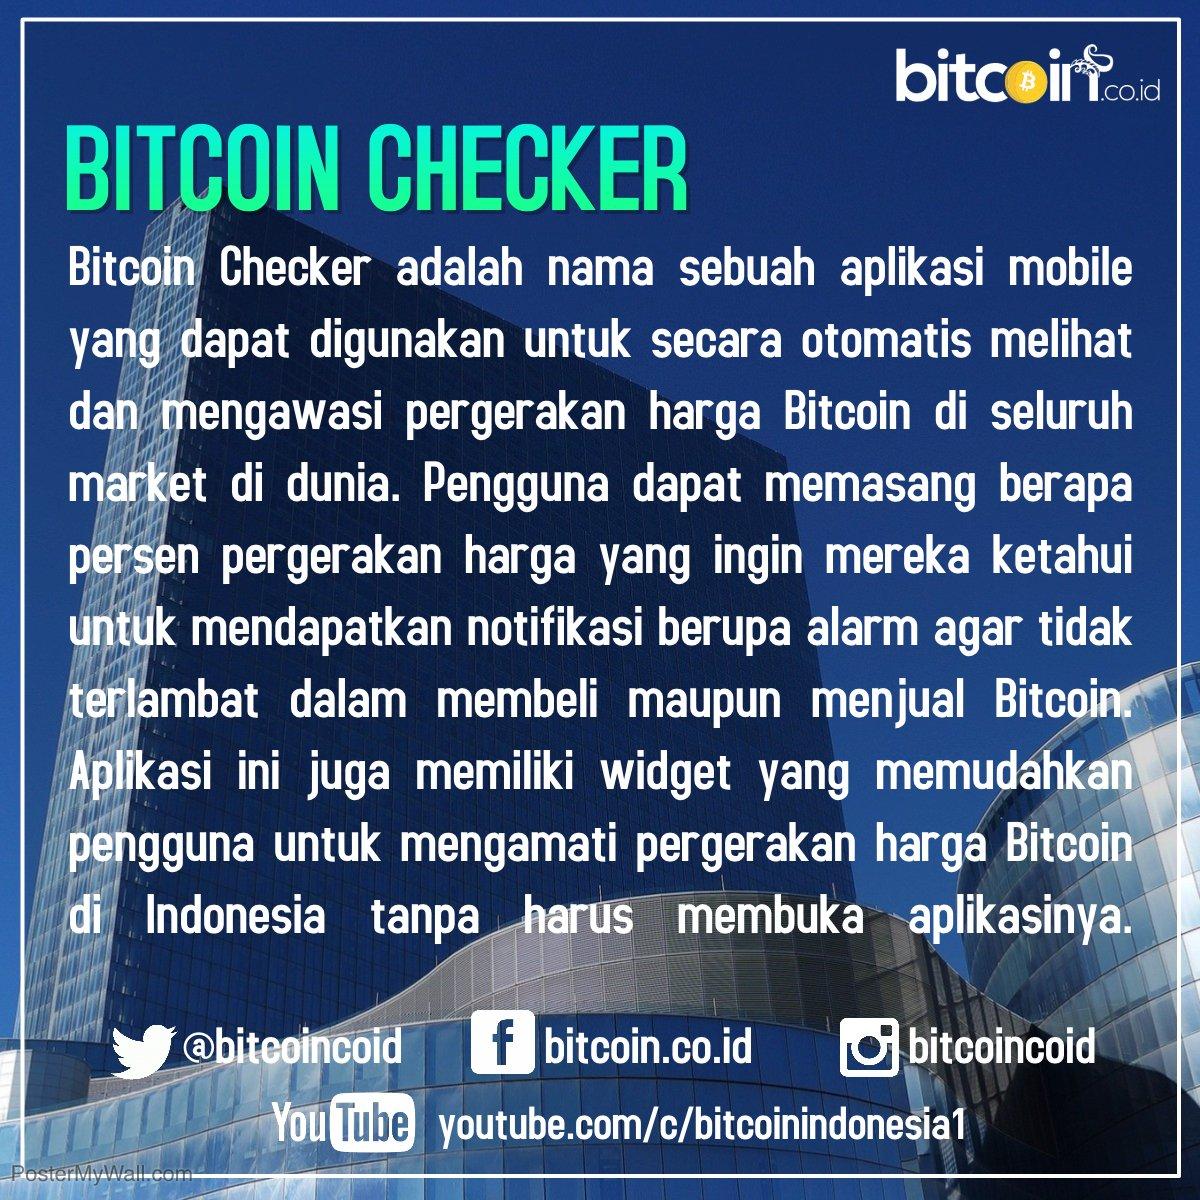 Beli Bitcoin - Jual Beli Bitcoin Aman dan Murah di Indonesia